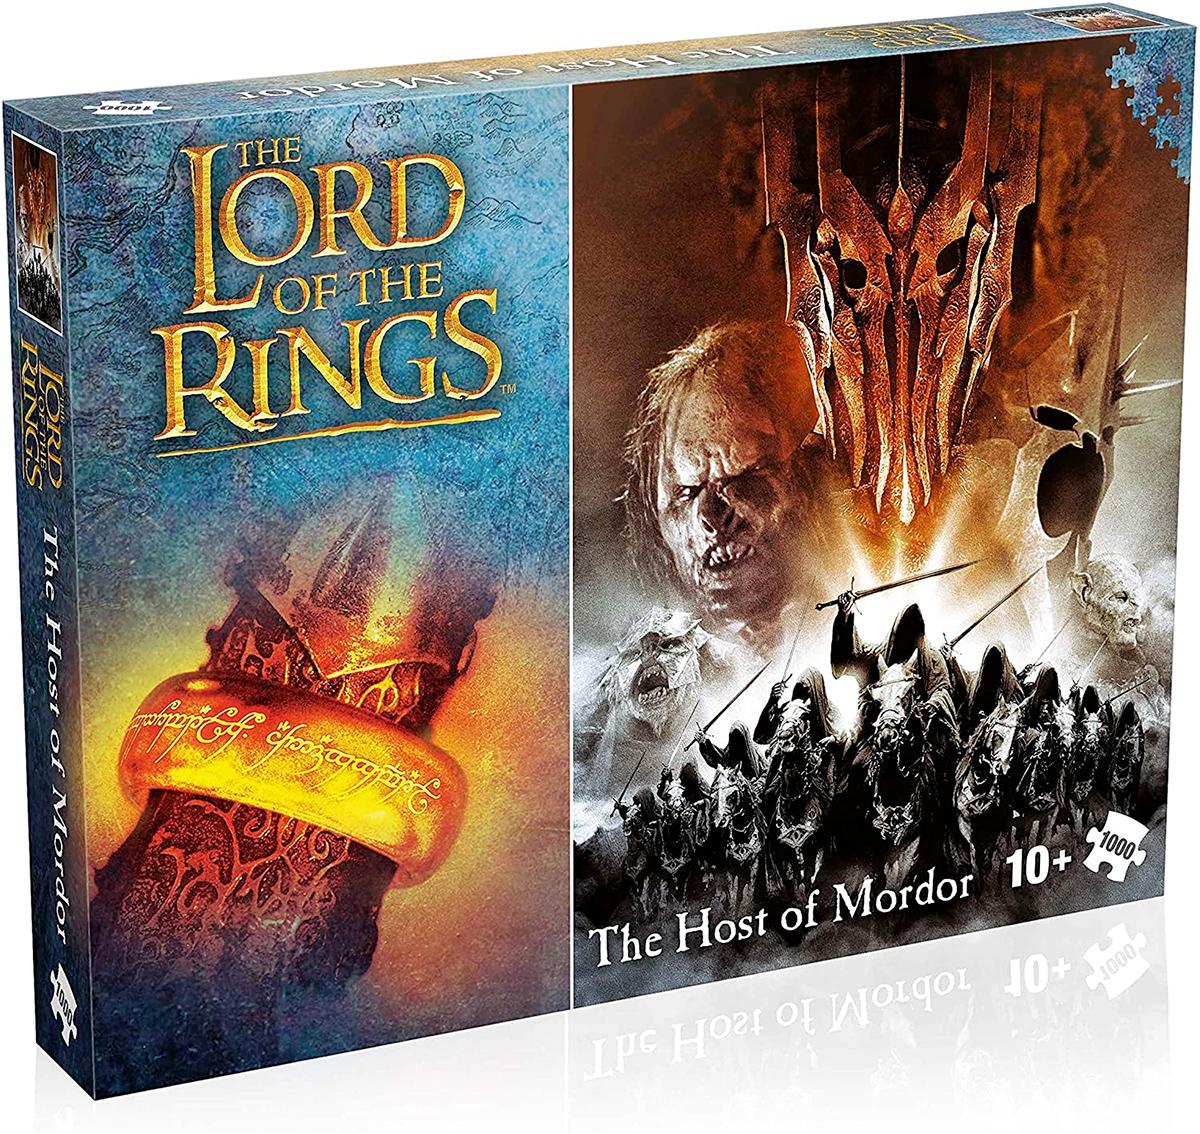 3 Quebra-Cabeças da Trilogia O Senhor dos Anéis com 1.000 Peças Cada